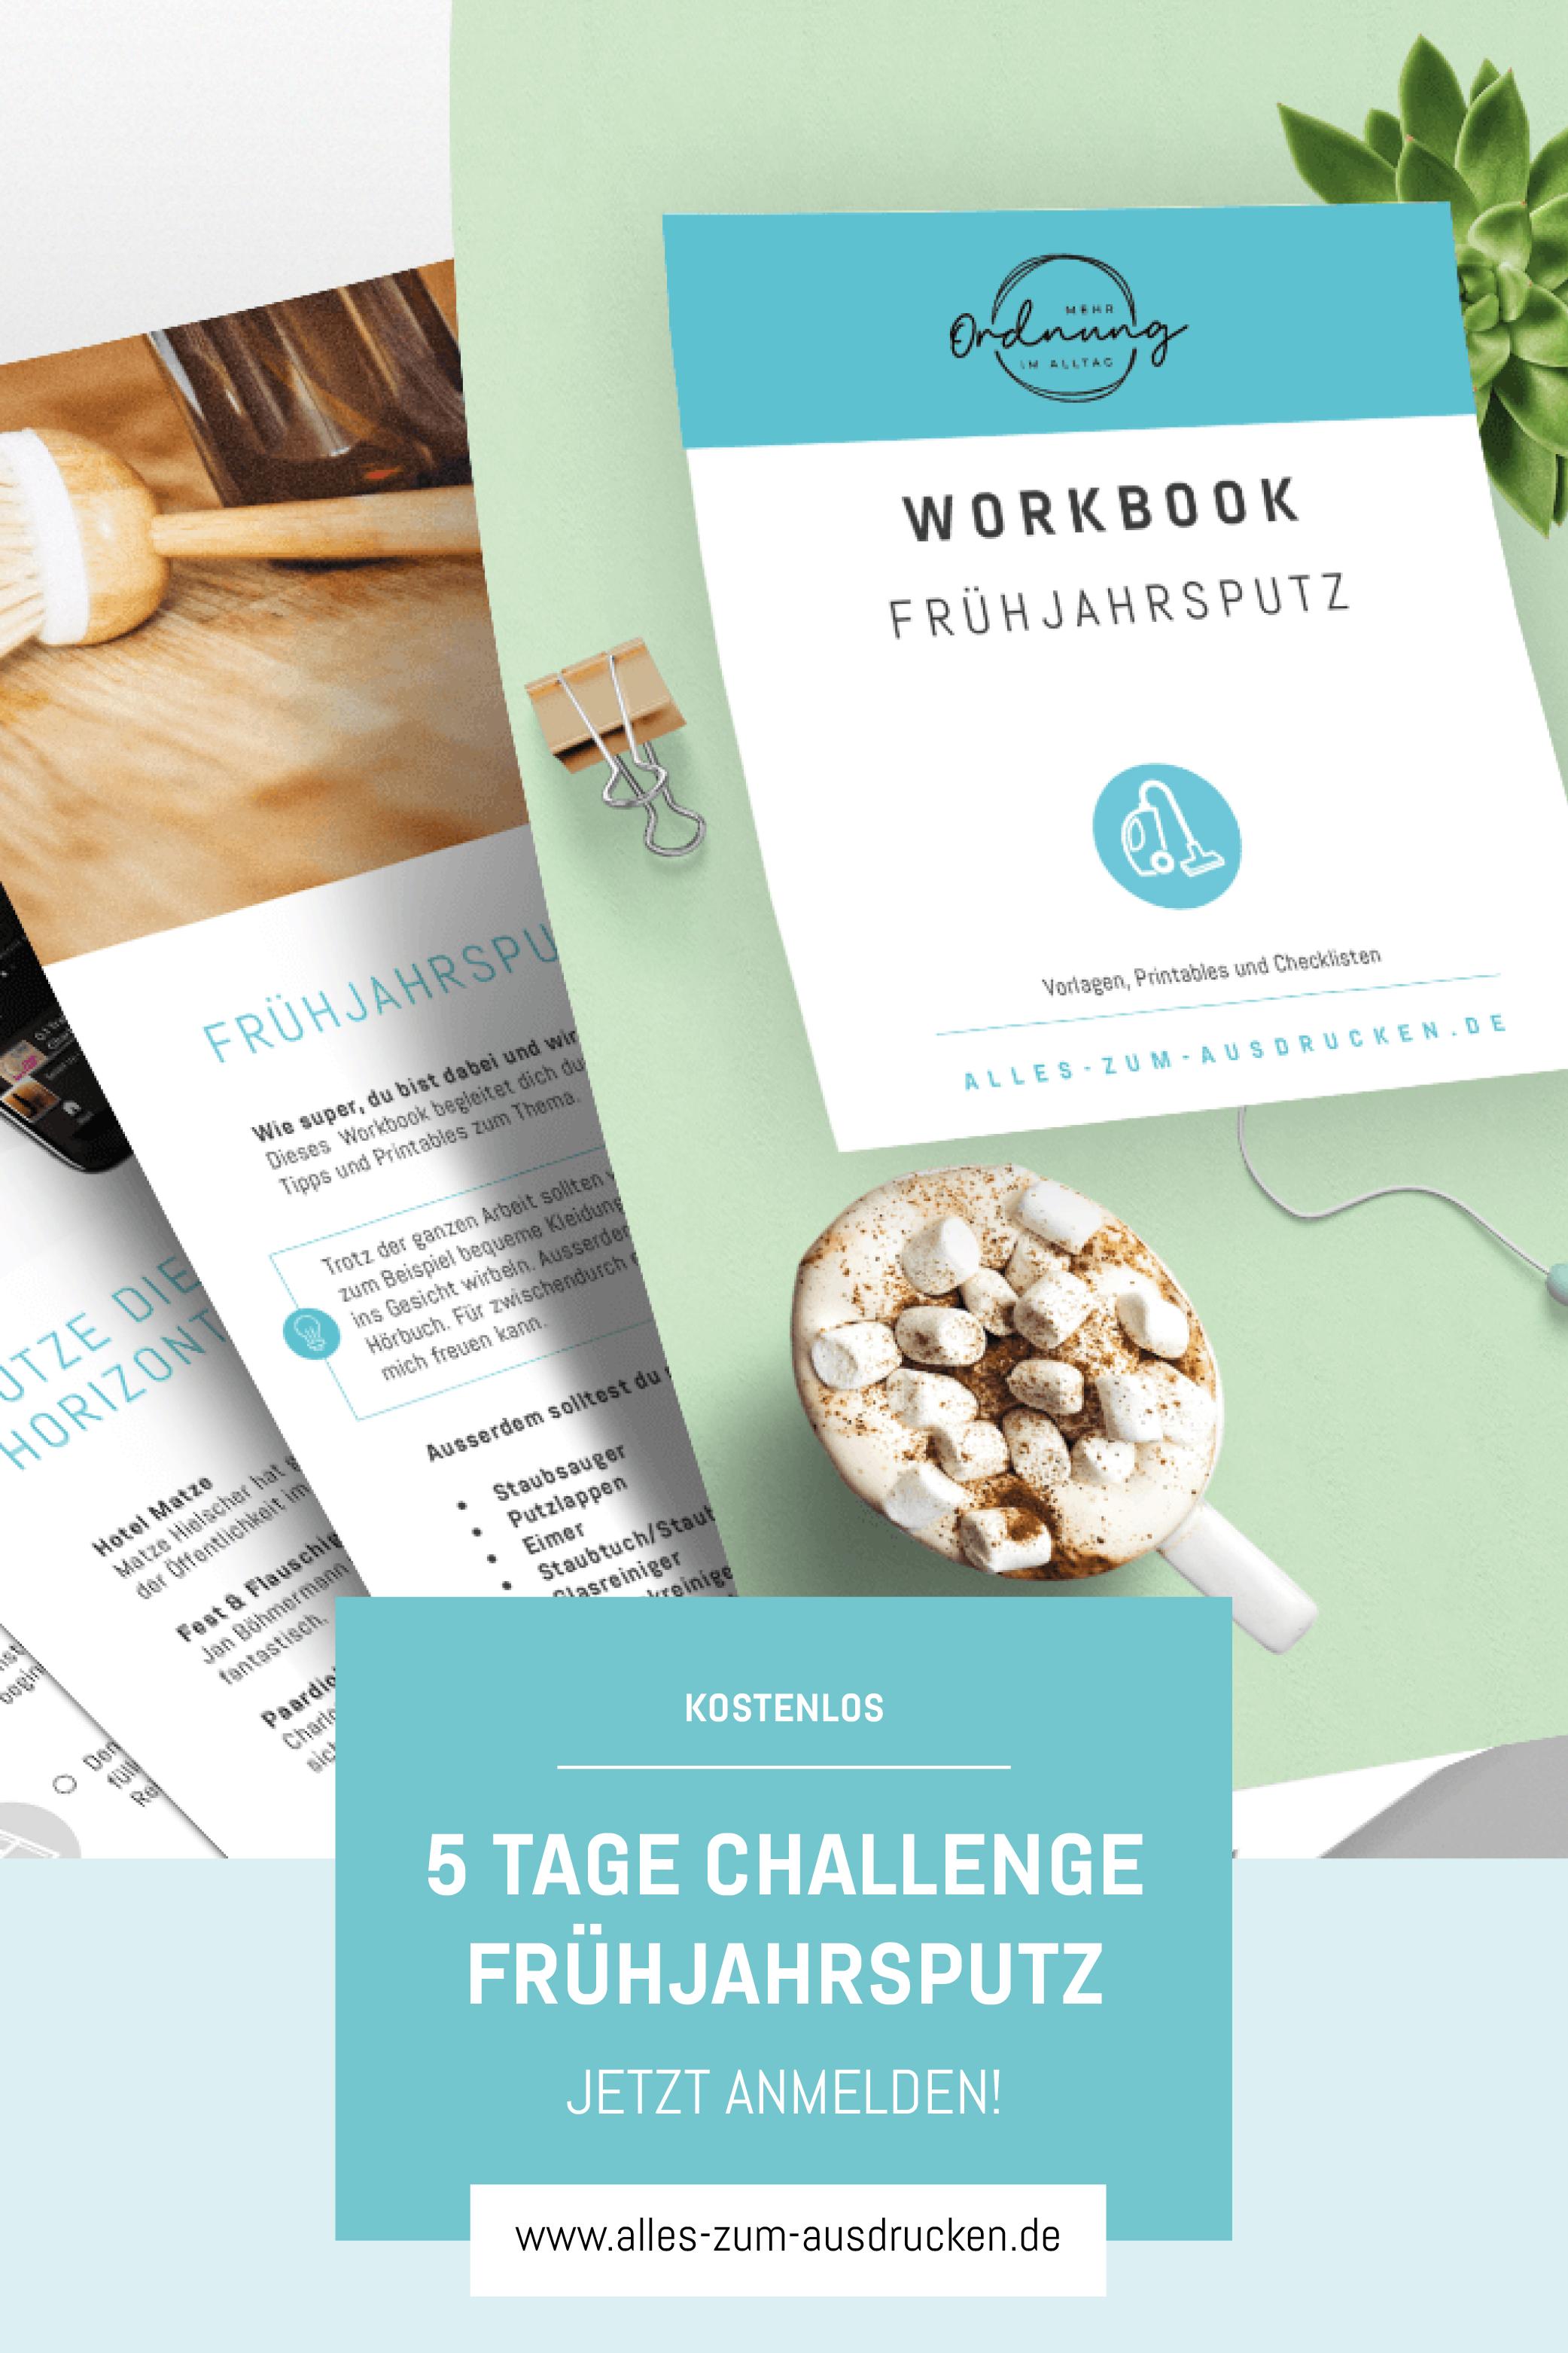 Fruhjahrsputz Challenge In 2020 Fruhjahrsputz Stoff Buchstaben Kostenlose Vorlagen